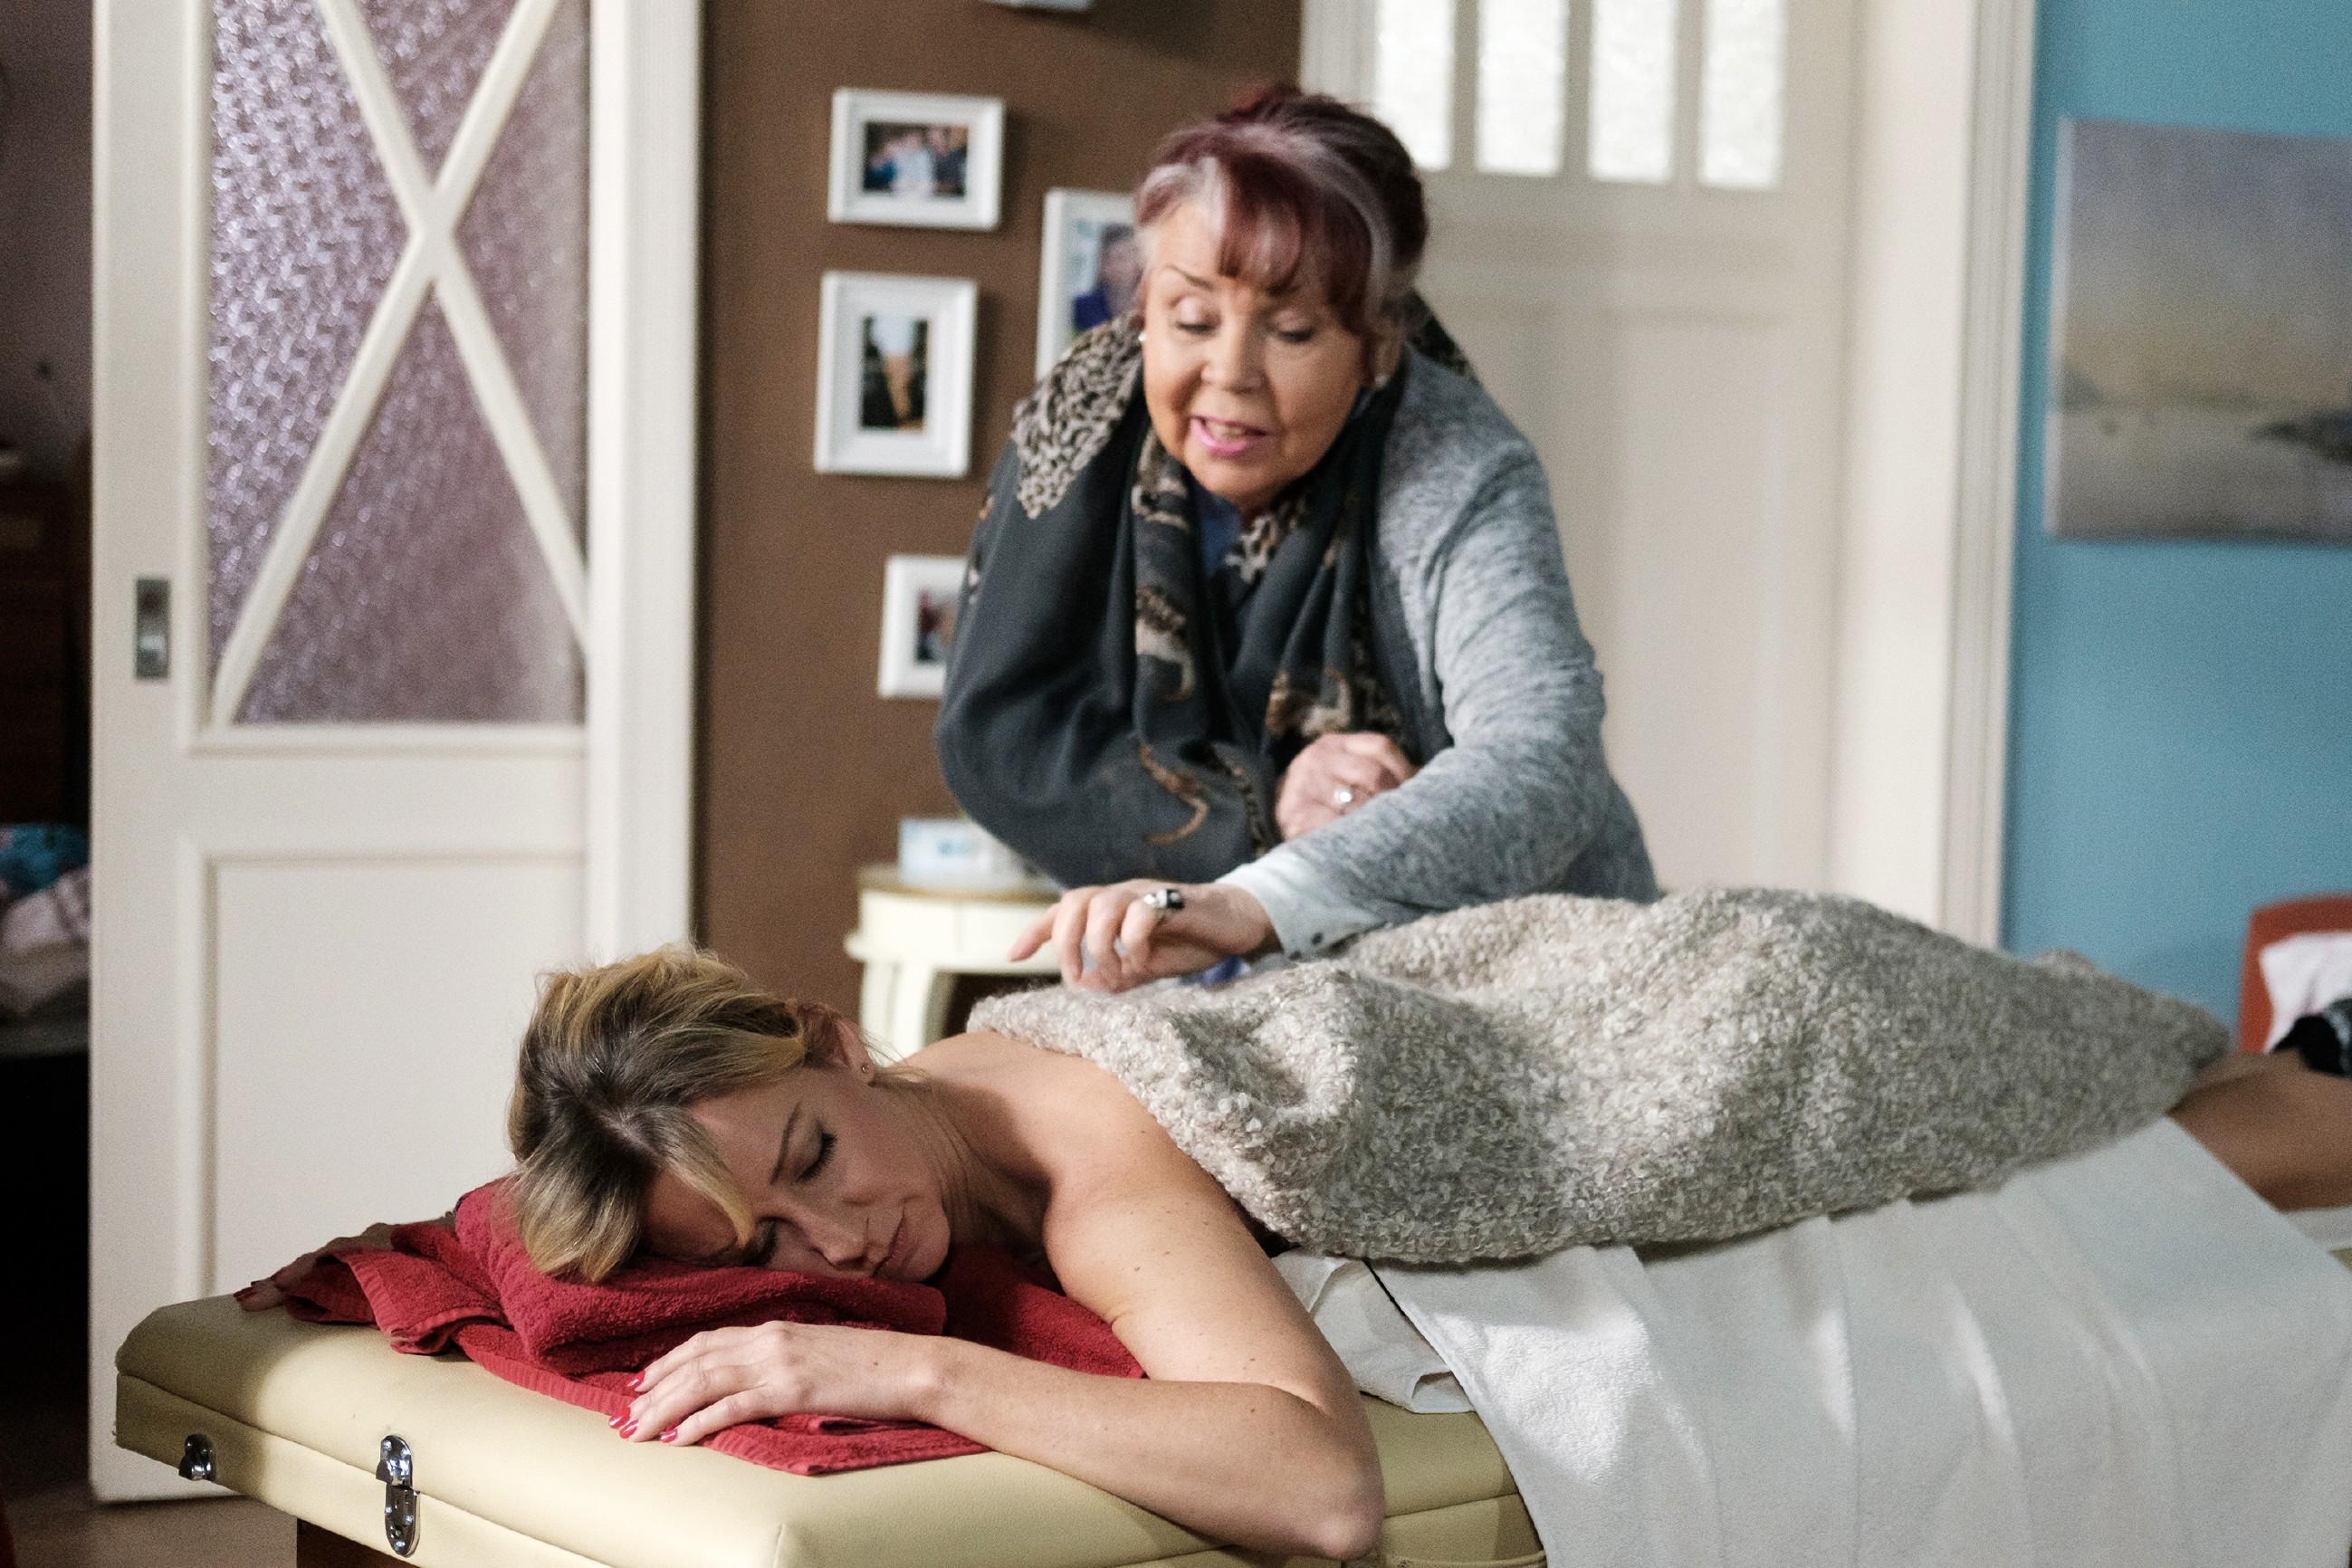 Roswitha (Andrea Brix) ist zufrieden, dass sie es geschafft hat, Ute (Isabell Hertel) mit einer Wellness-Auszeit endlich zur Ruhe kommen zu lassen. (Quelle: RTL / Stefan Behrens)